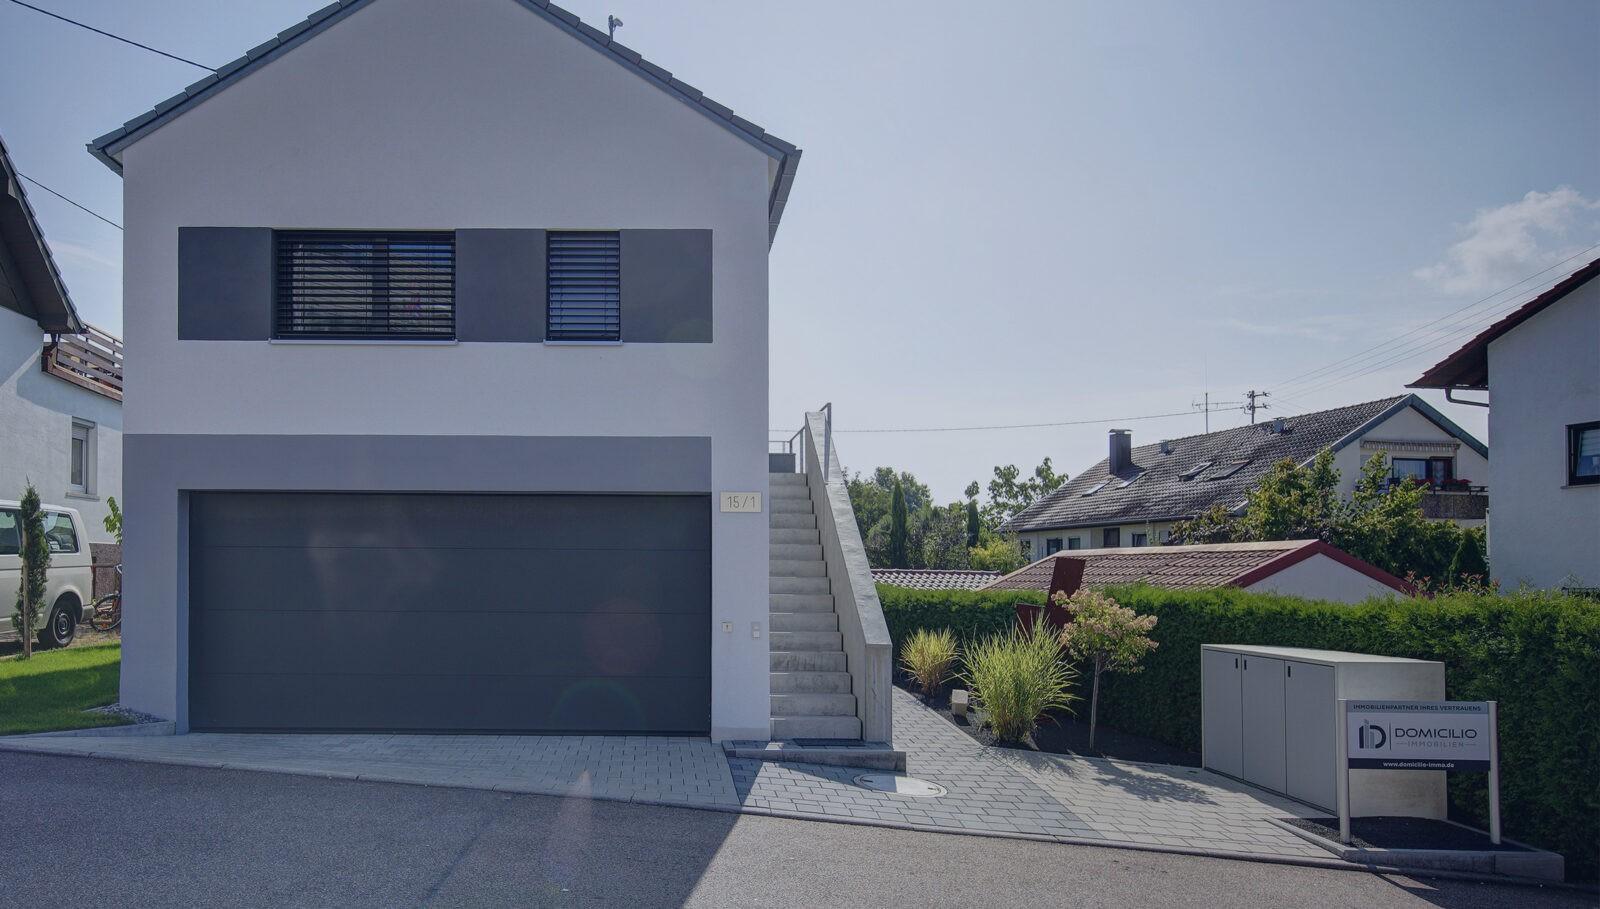 Domicilio Immobilien Büro in Winnenden